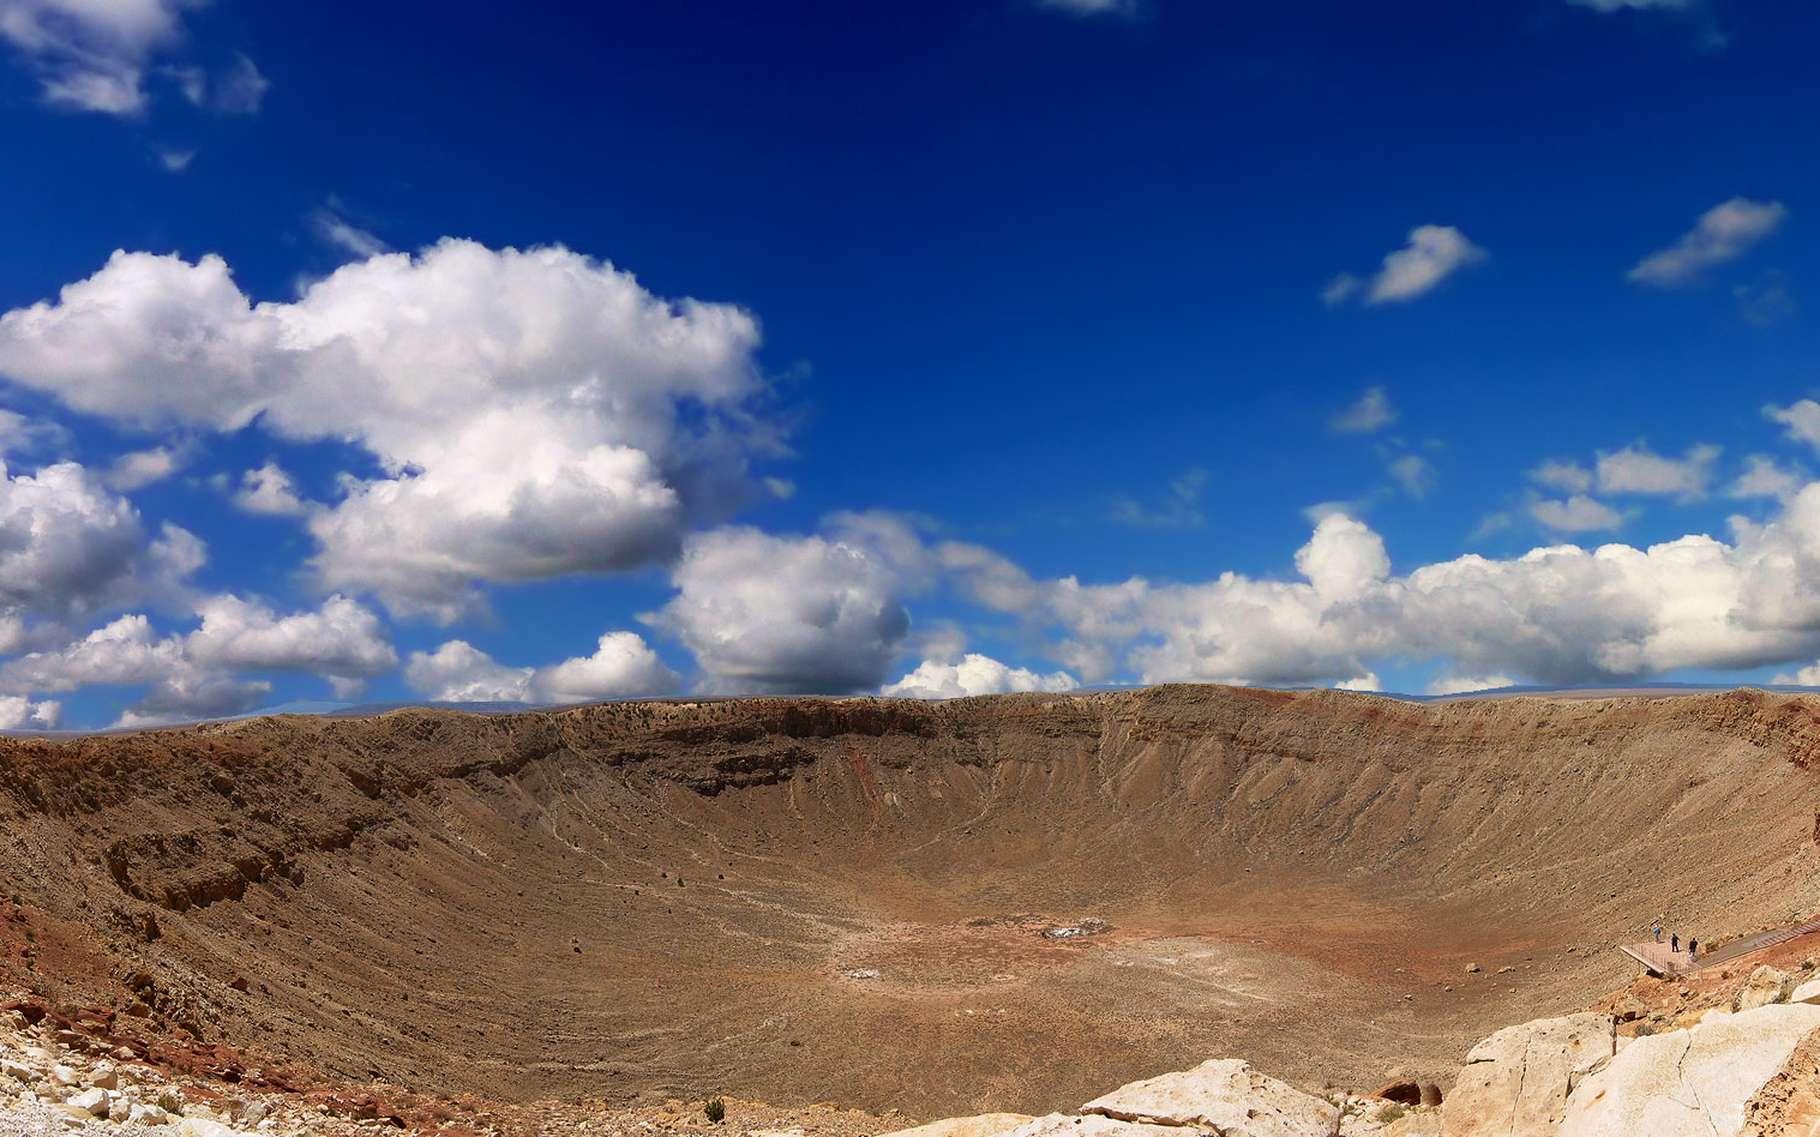 Formées dans le jeune Système solaire, les météorites, textuellement les « pierres tombant du ciel », abritent de précieux indices sur l'histoire des planètes. © DR